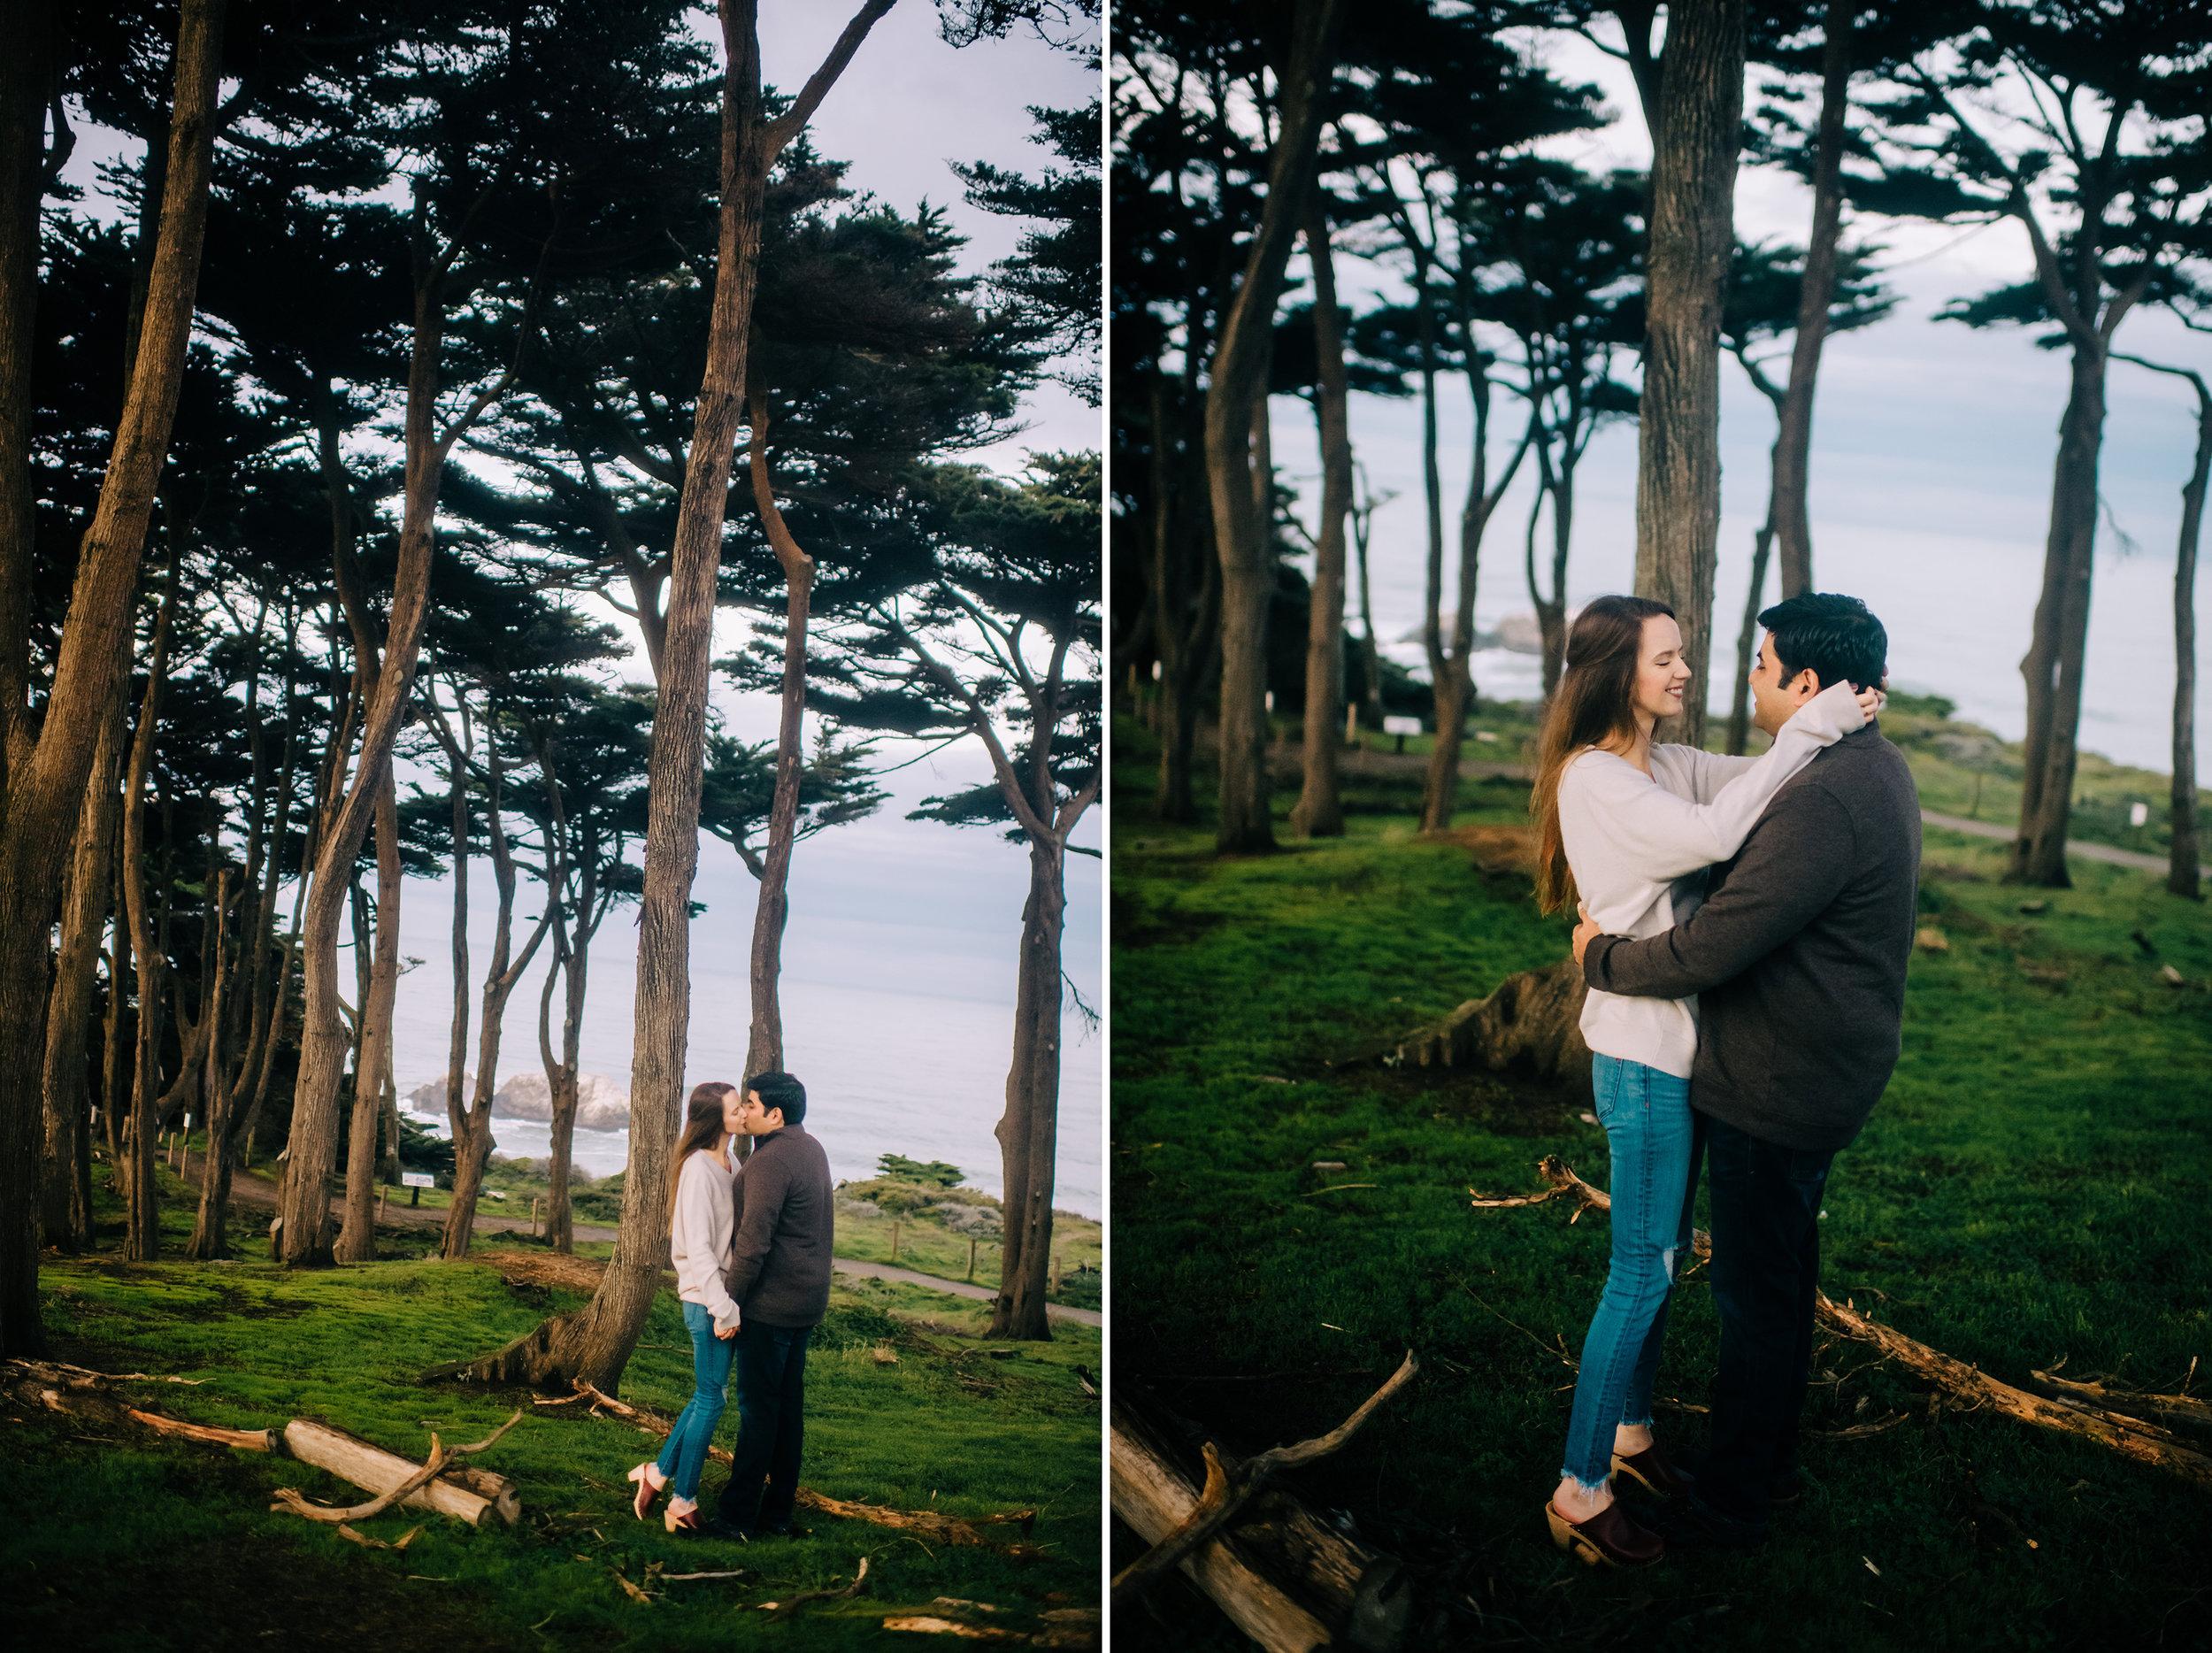 san francisco oakland bay area california sf yosemite sutro baths lands end sf  nontraditional wedding photographer -14.jpg